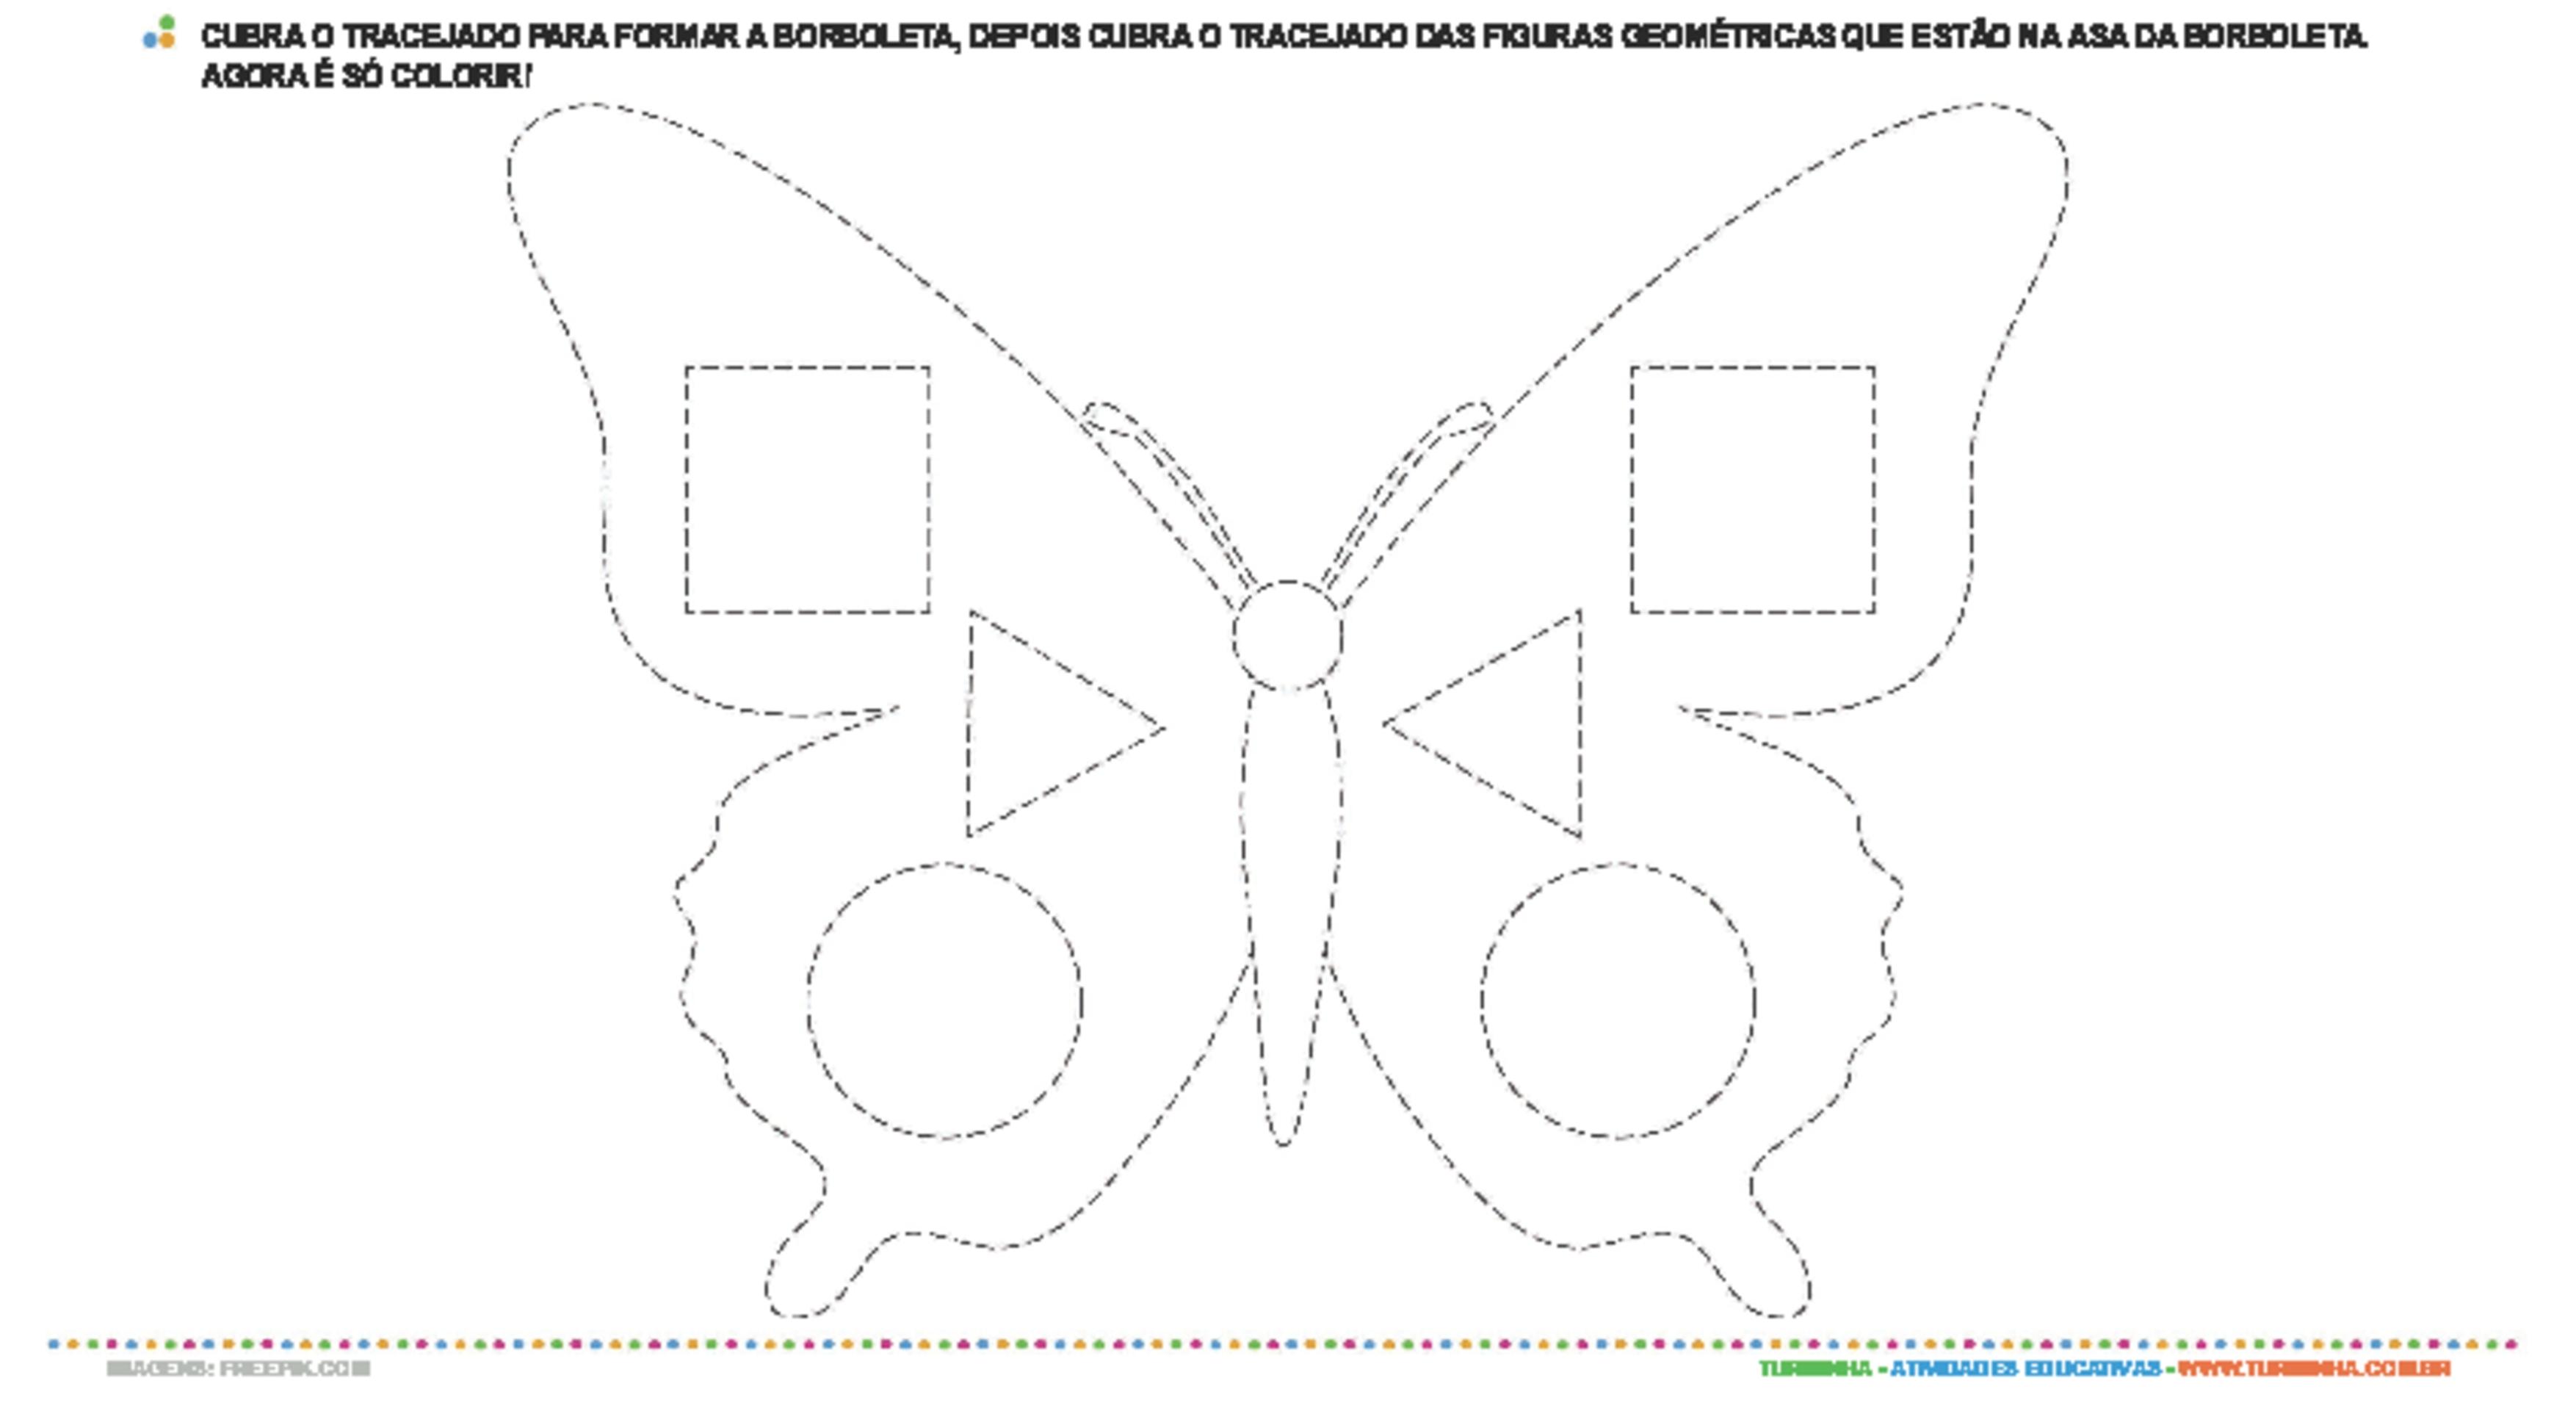 Descobrindo Formas Geométricas - atividade educativa para Creche (0 a 3 anos)